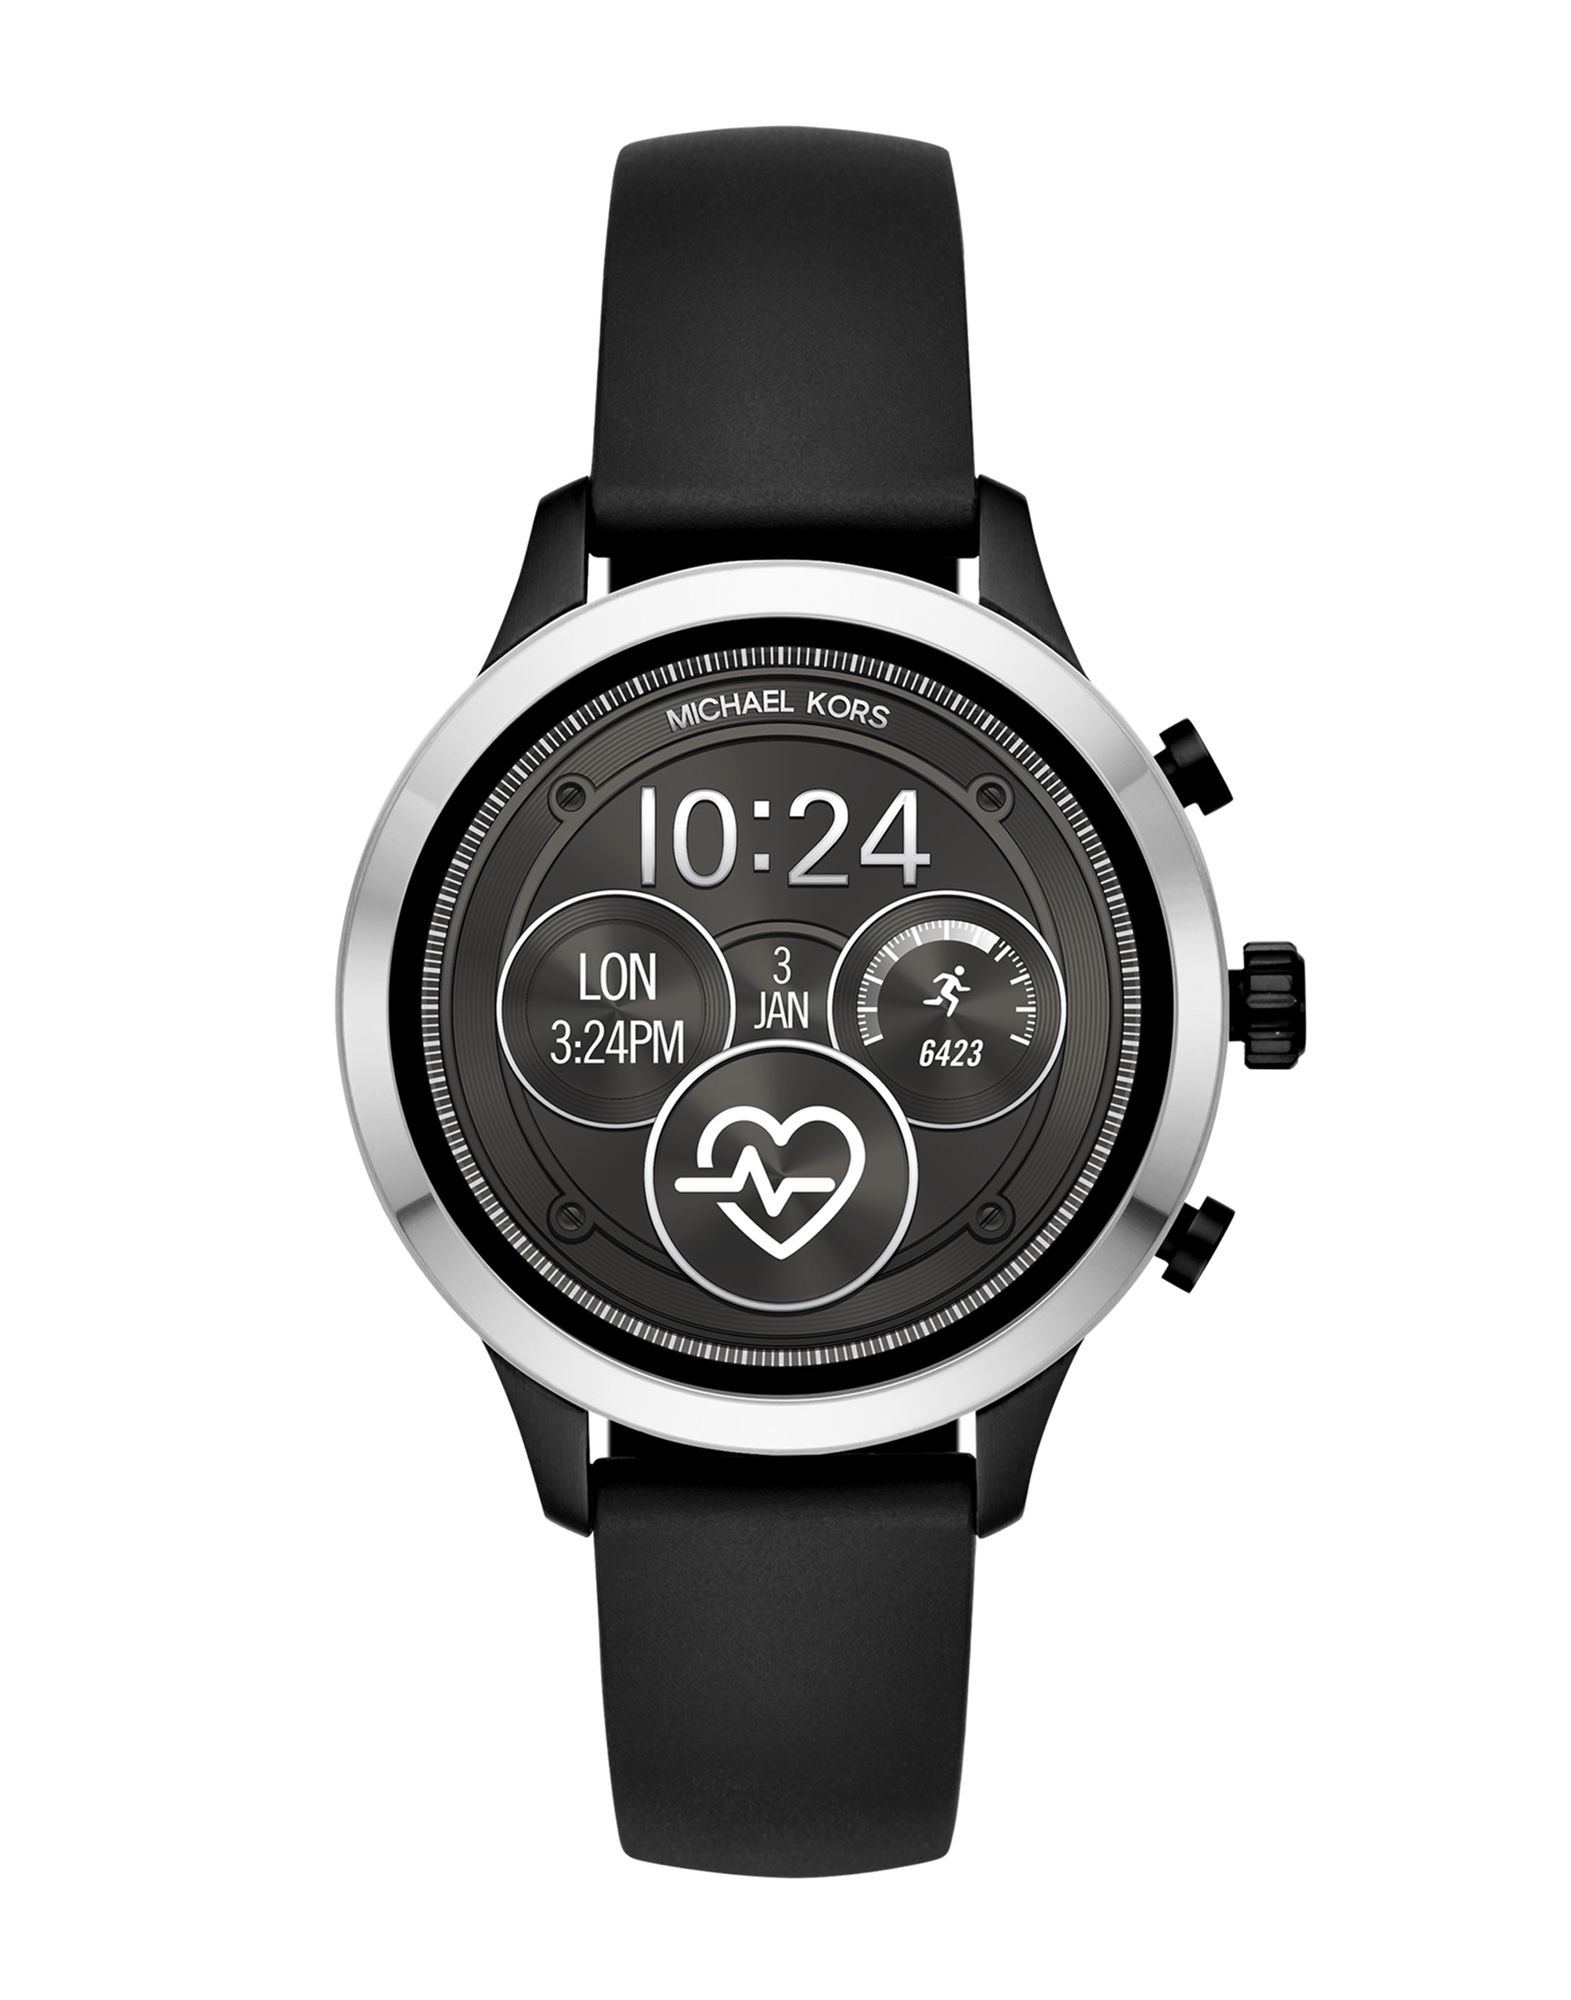 все цены на MICHAEL KORS Умные часы онлайн